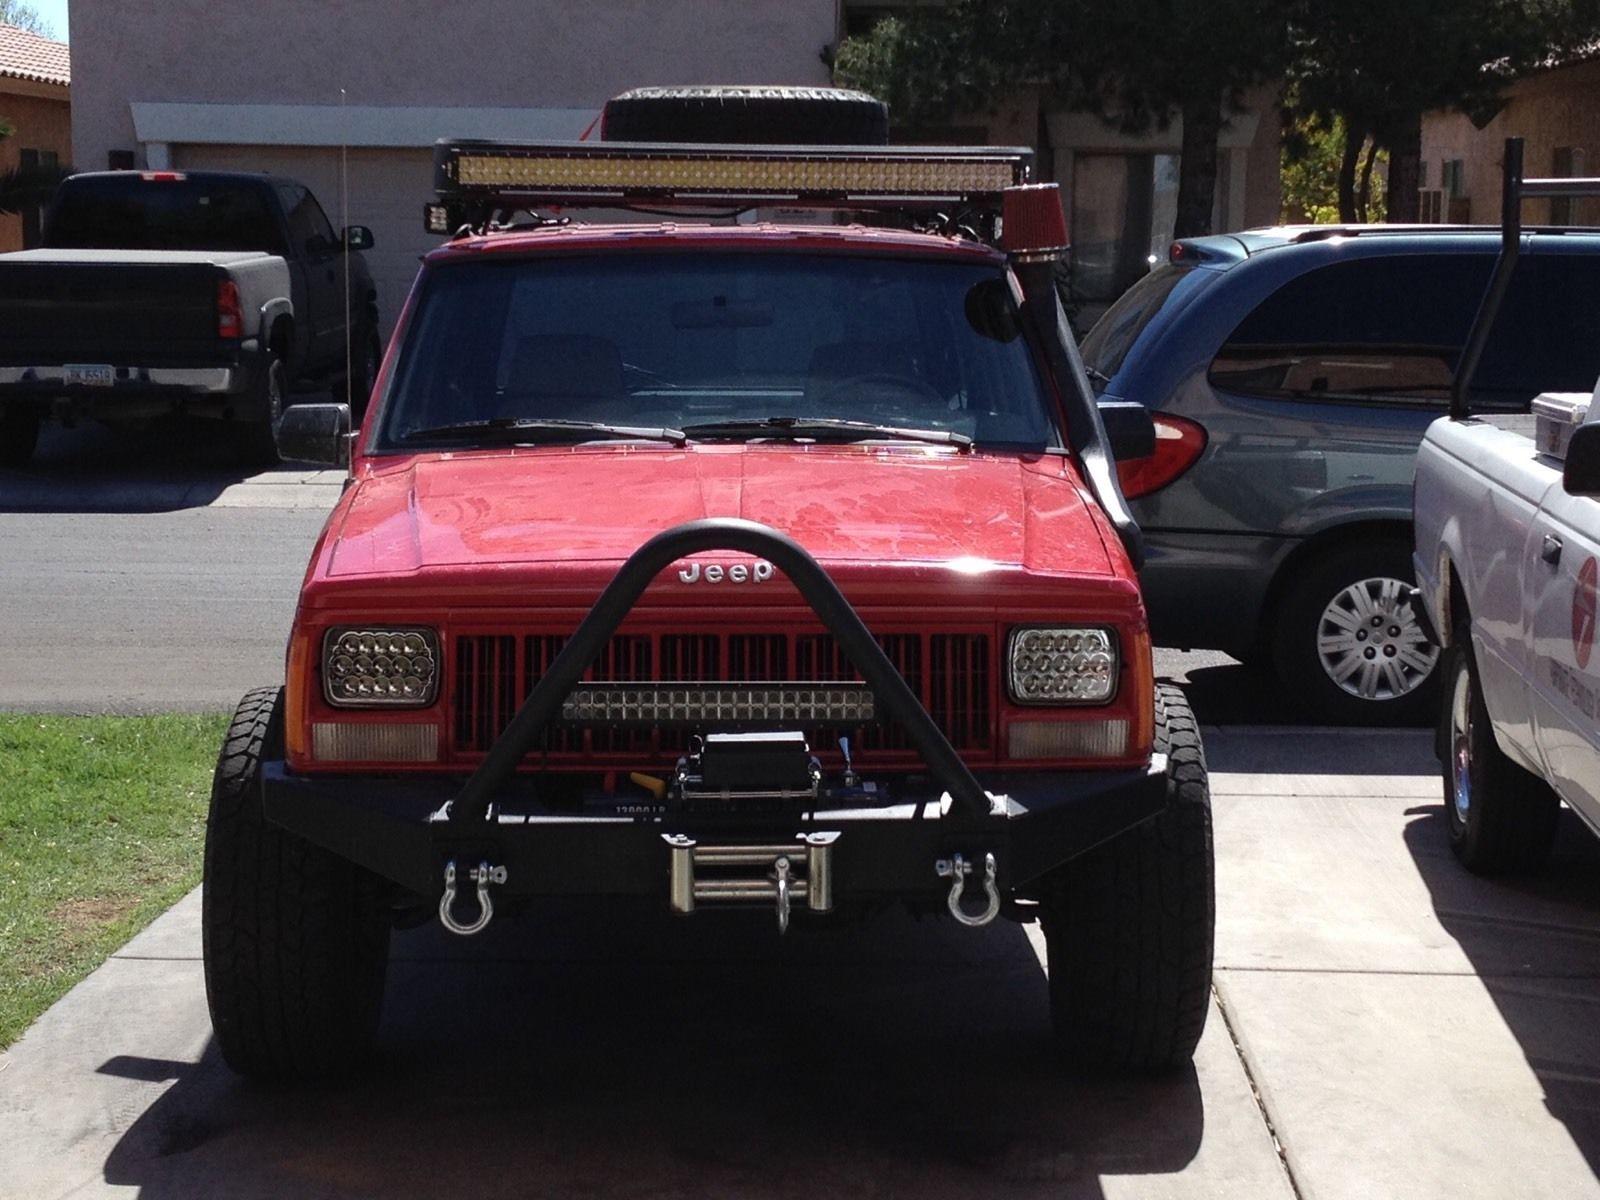 1998 1999 2000 2001 Jeep Cherokee Yj Led Hid Cree H6054 Headlamp Headlights 2001 Jeep Cherokee Jeep Cherokee Jeep